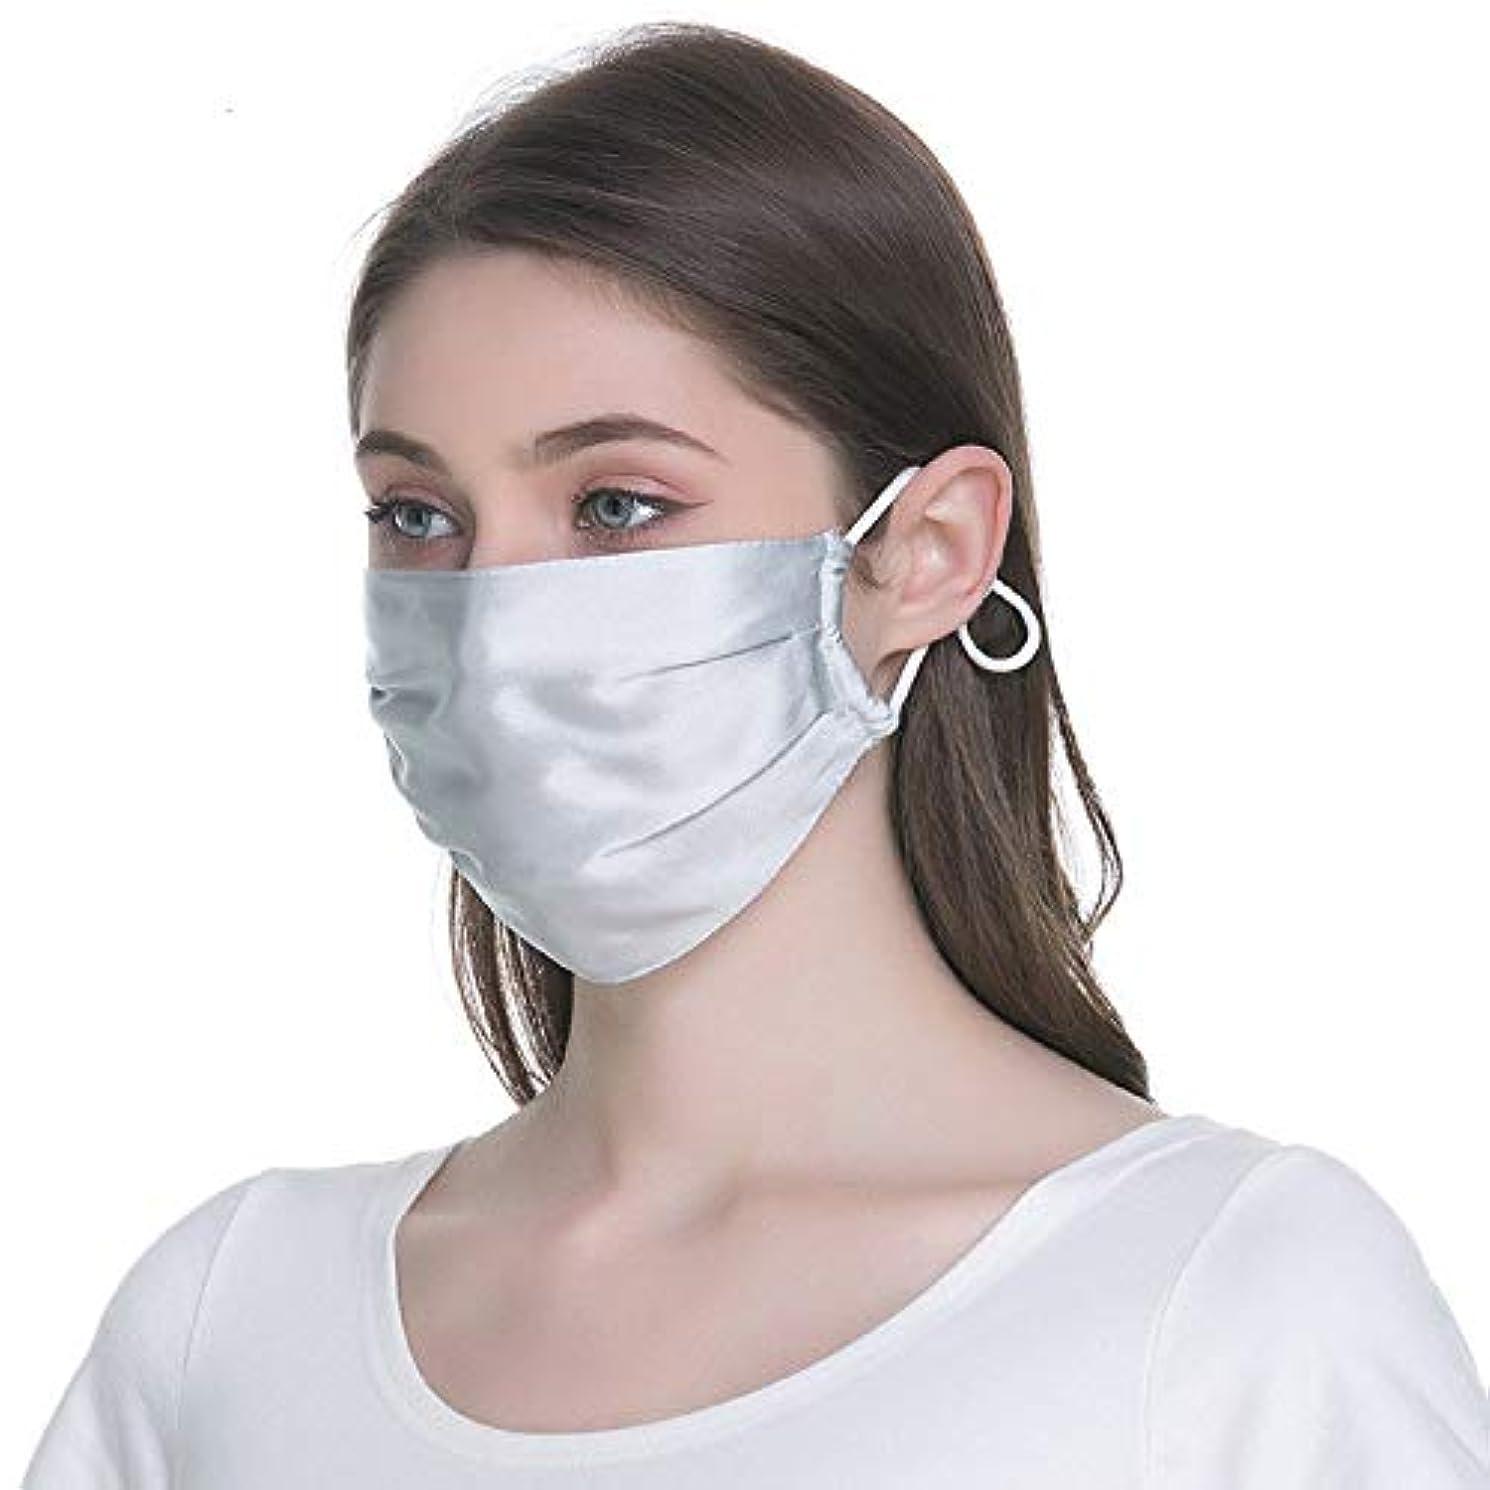 尋ねるセクション廃棄シルク マスク 美肌マスク 保湿 お休みマスク 運転 UV カット 日焼け止め 防塵 花粉症マスク ひんやり 男女兼用 2個セット (グレー)